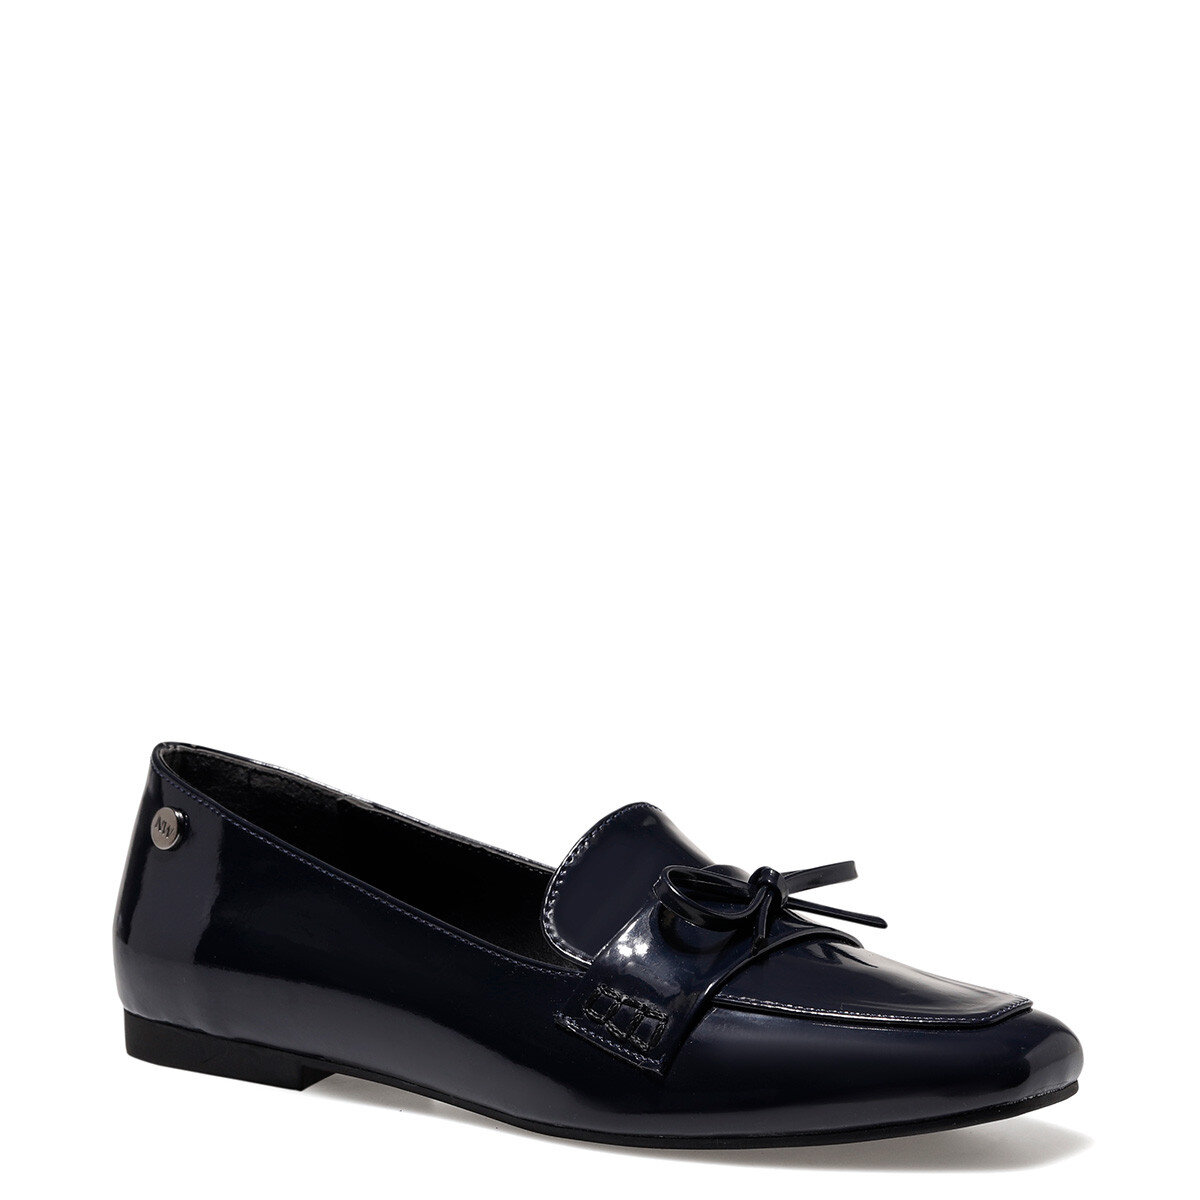 KUNET Lacivert Kadın Loafer Ayakkabı